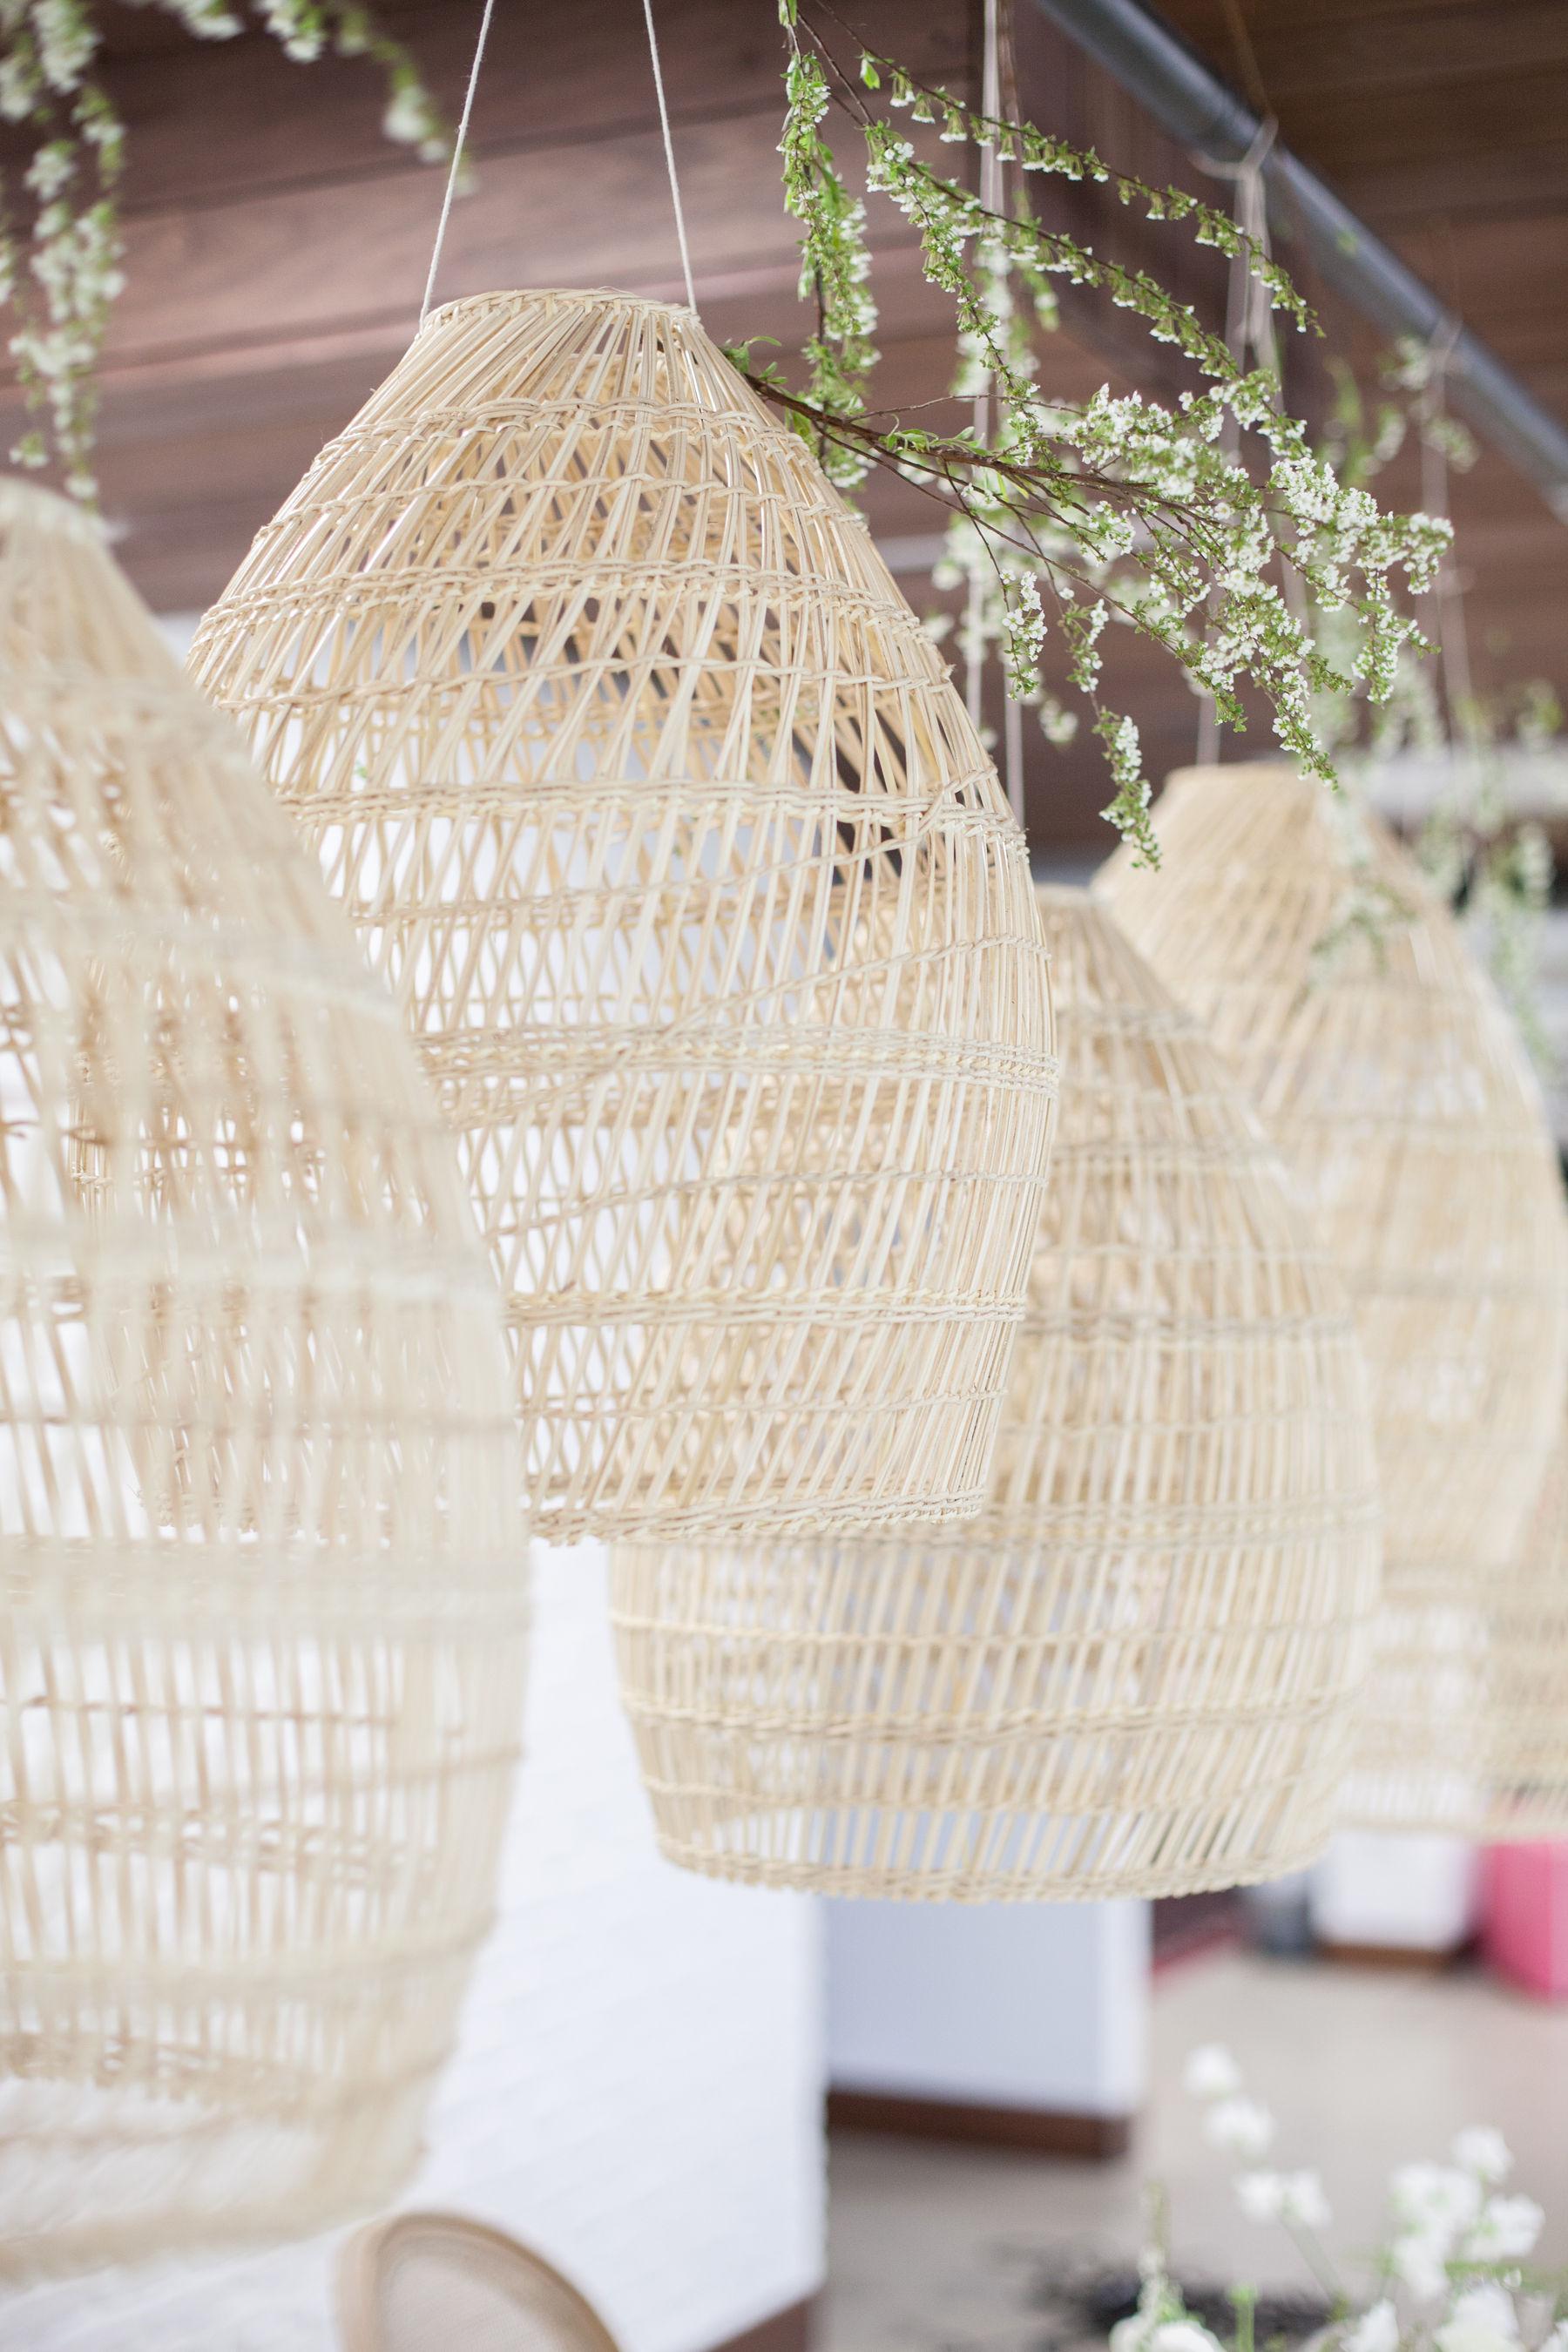 Hanging rattan lanterns